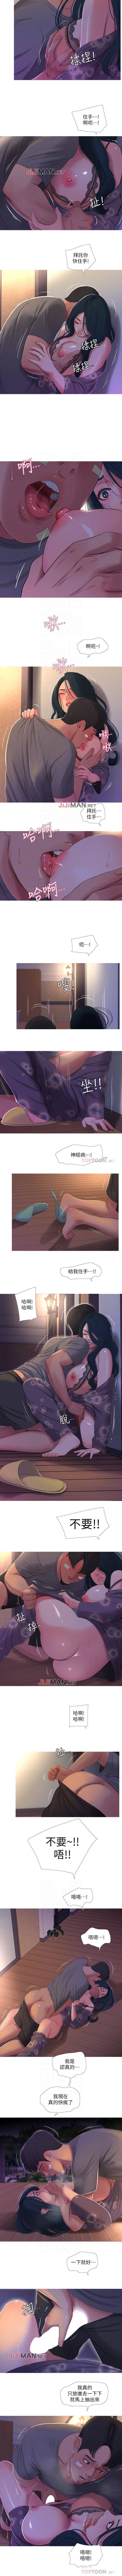 【周四连载】亲家四姐妹(作者:愛摸) 第1~37话 74